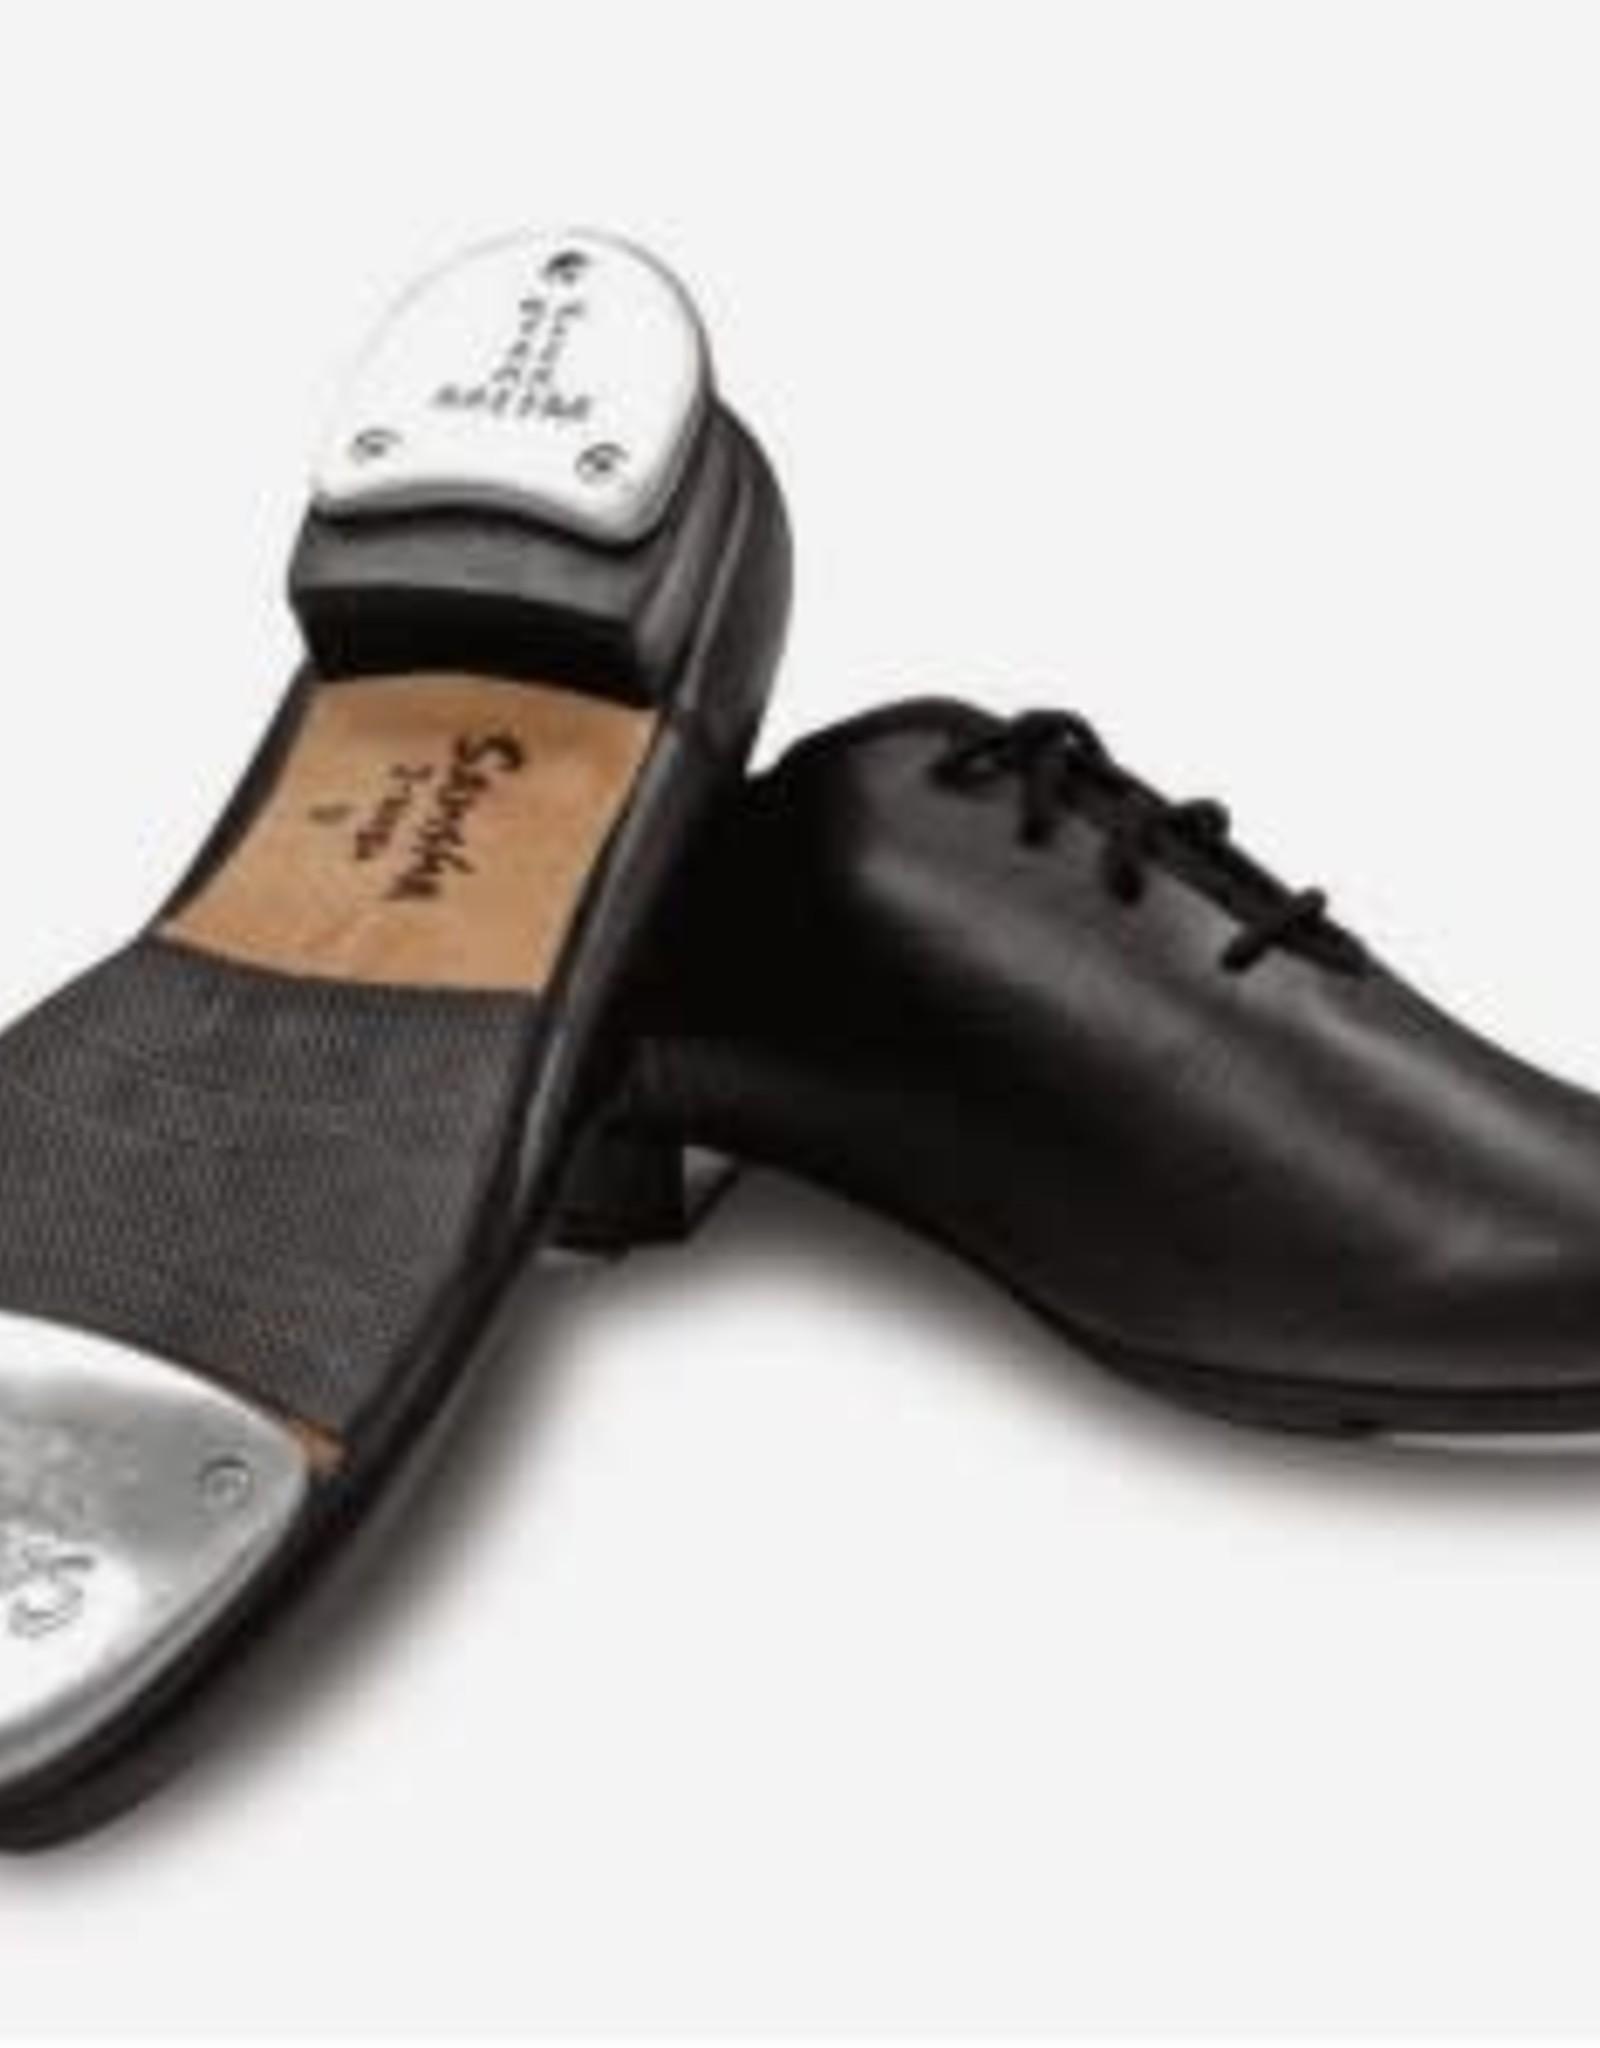 Radadancewear Sansha SOULIERS CLAQUETTE CLASSIQUE T-MEGA NOIR